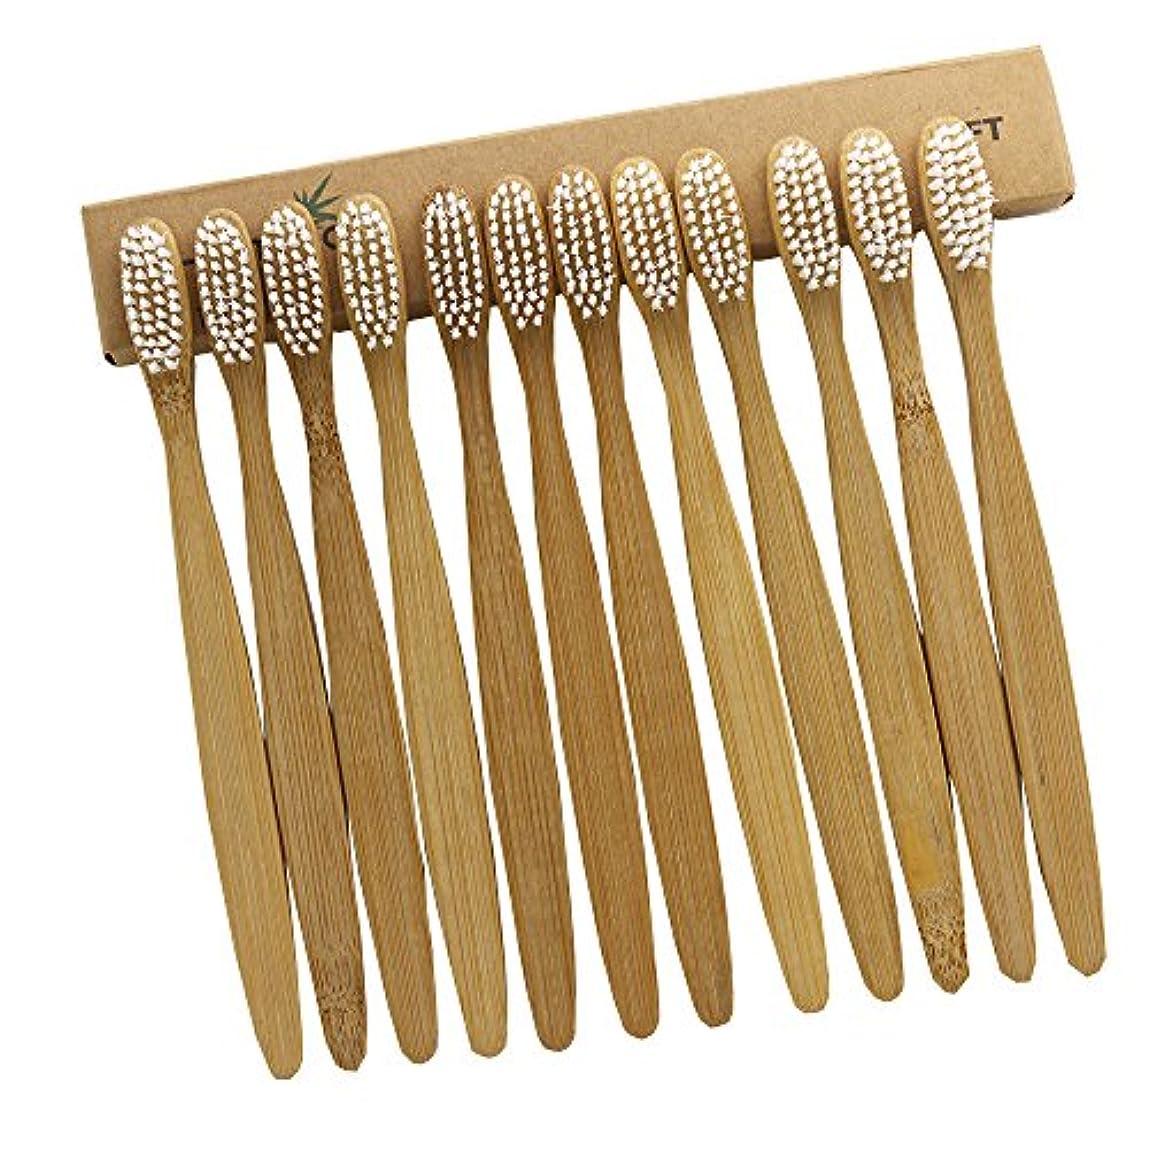 通知ウナギライトニングN-amboo 竹製 歯ブラシ 高耐久性 セット エコ 軽量 12本入り セット白